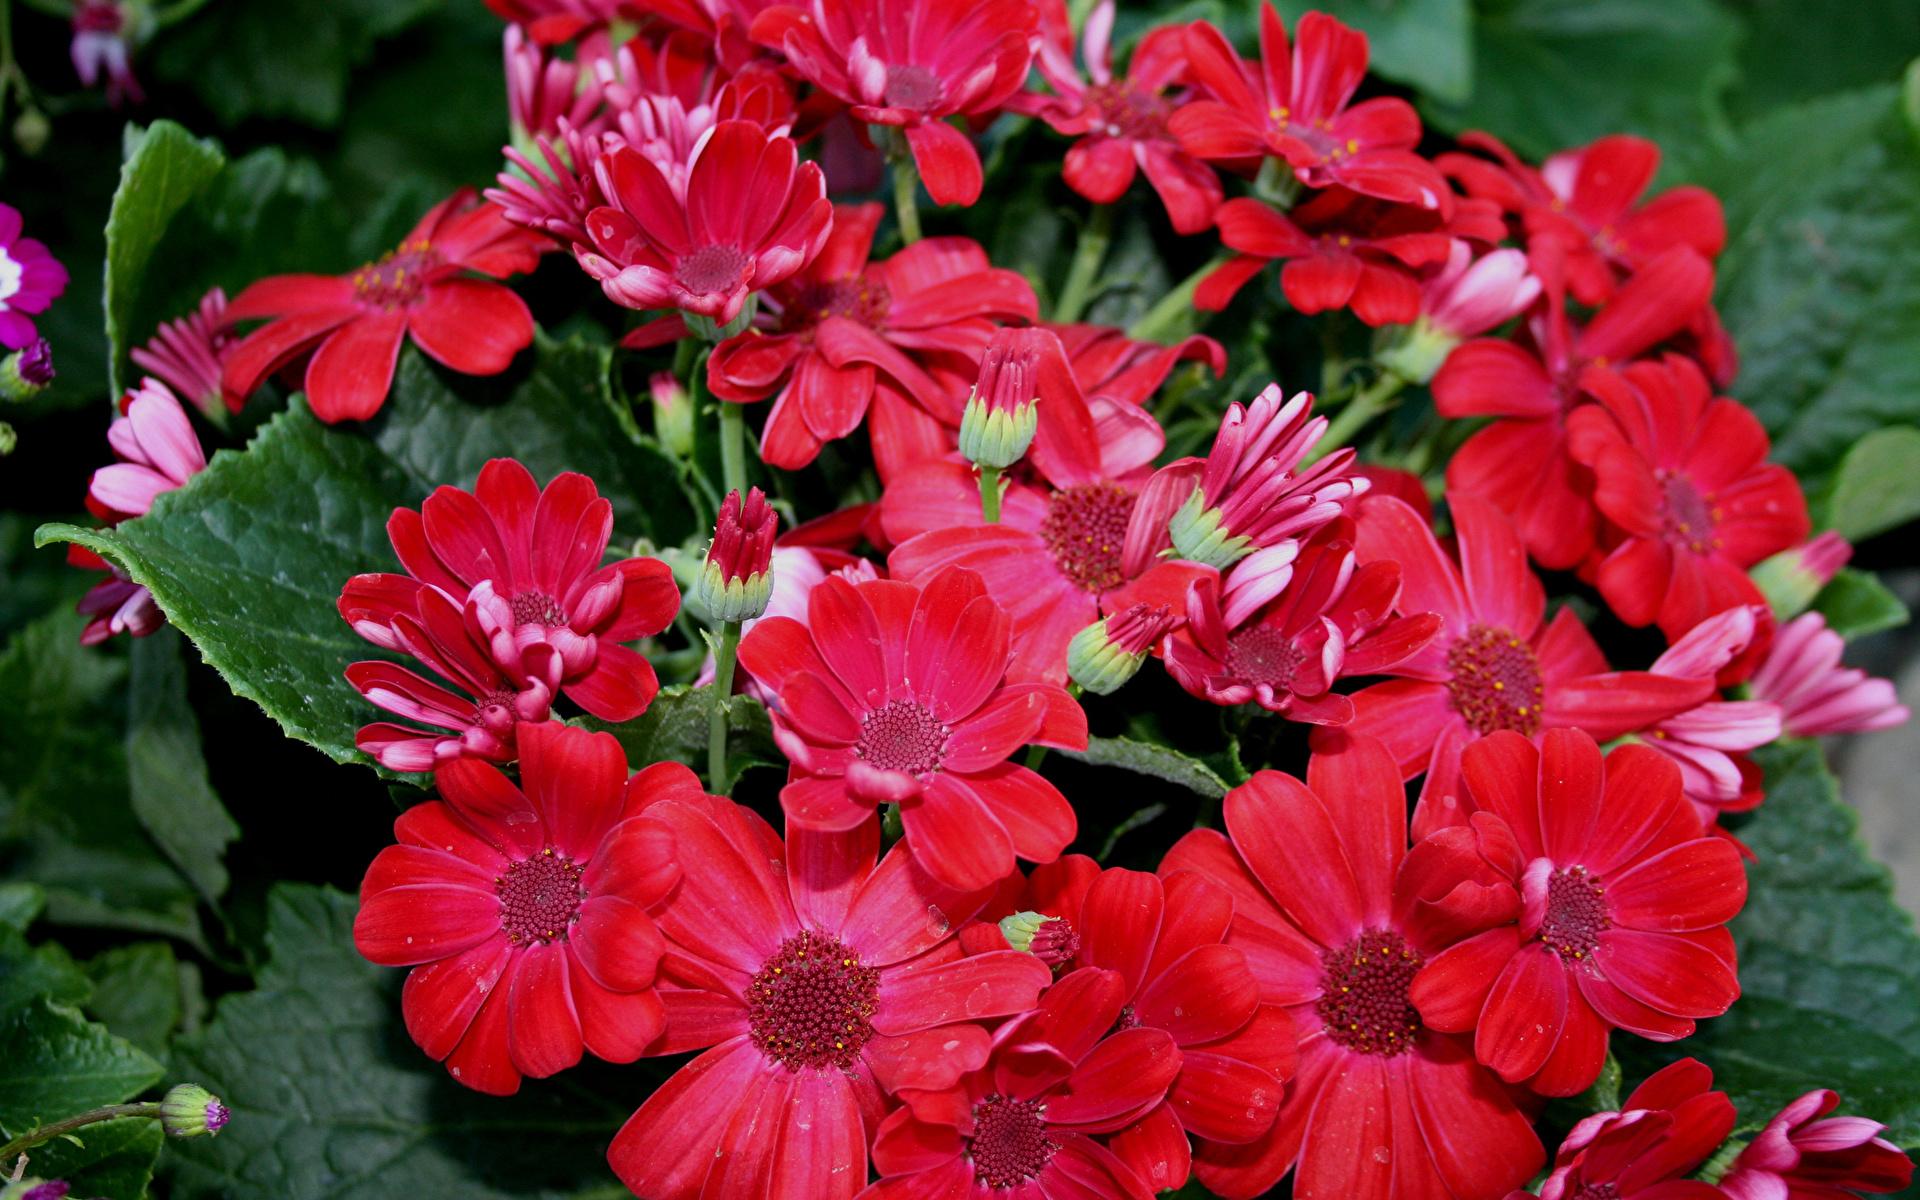 Wallpaper Red Flowers Geranium Closeup 1920x1200 flower